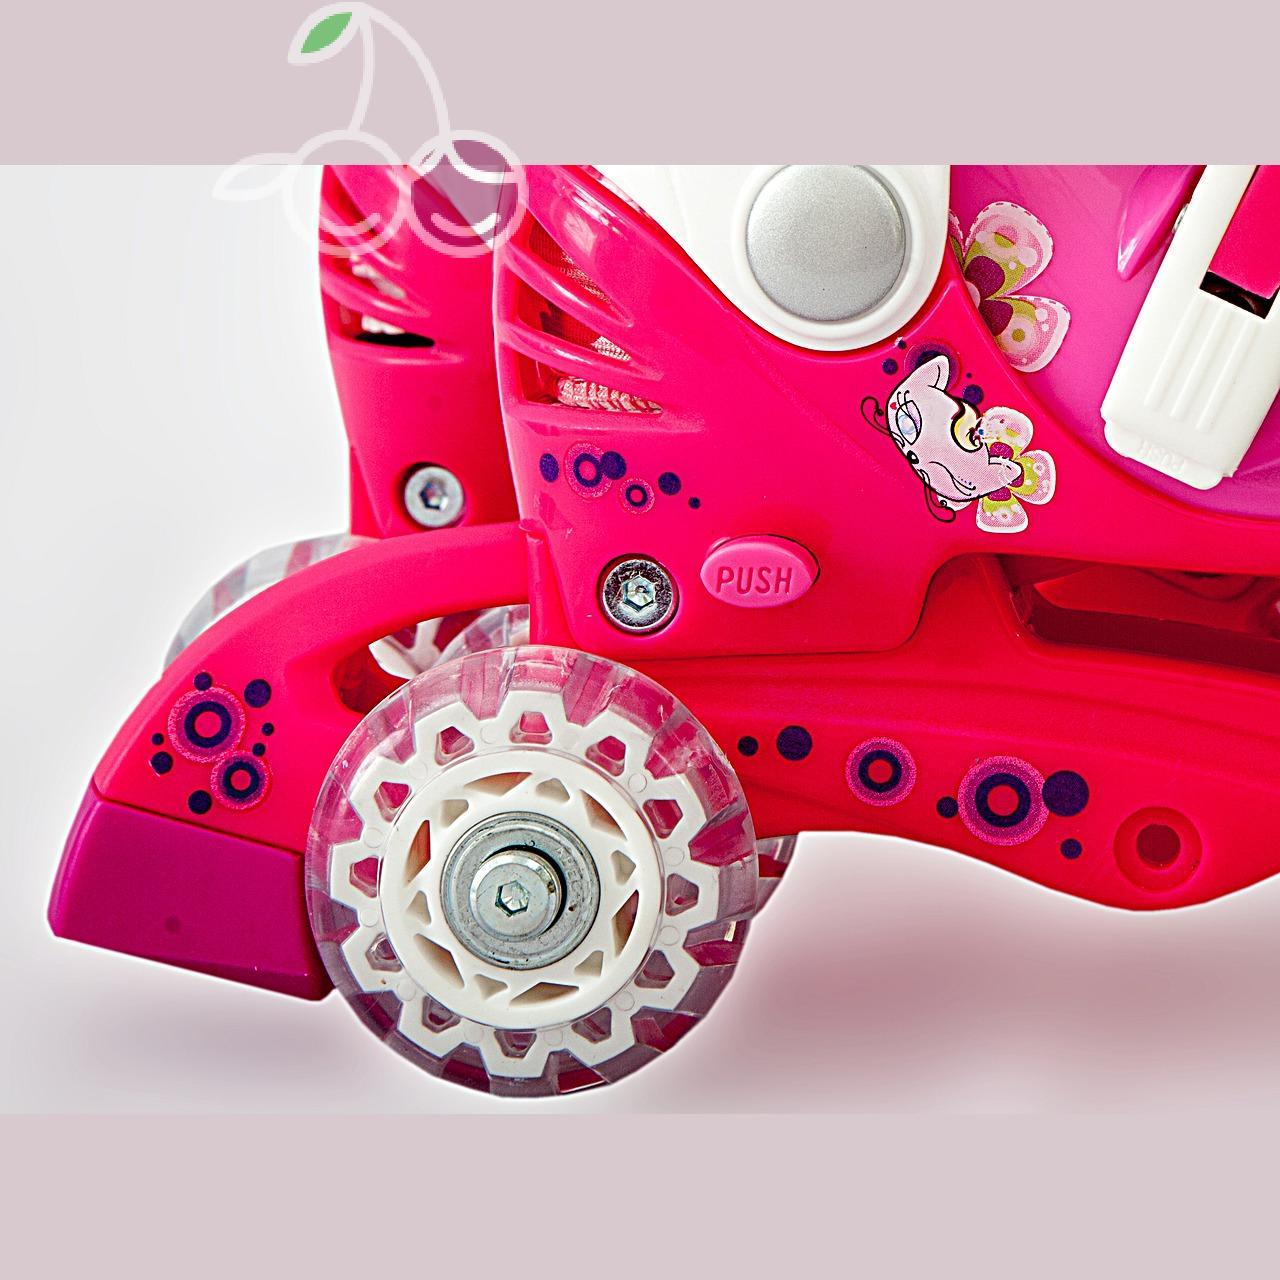 Роликовые коньки детские 28 размер, для обучения (трансформеры, раздвижной ботинок) MagicWheels розовые, - фото 4